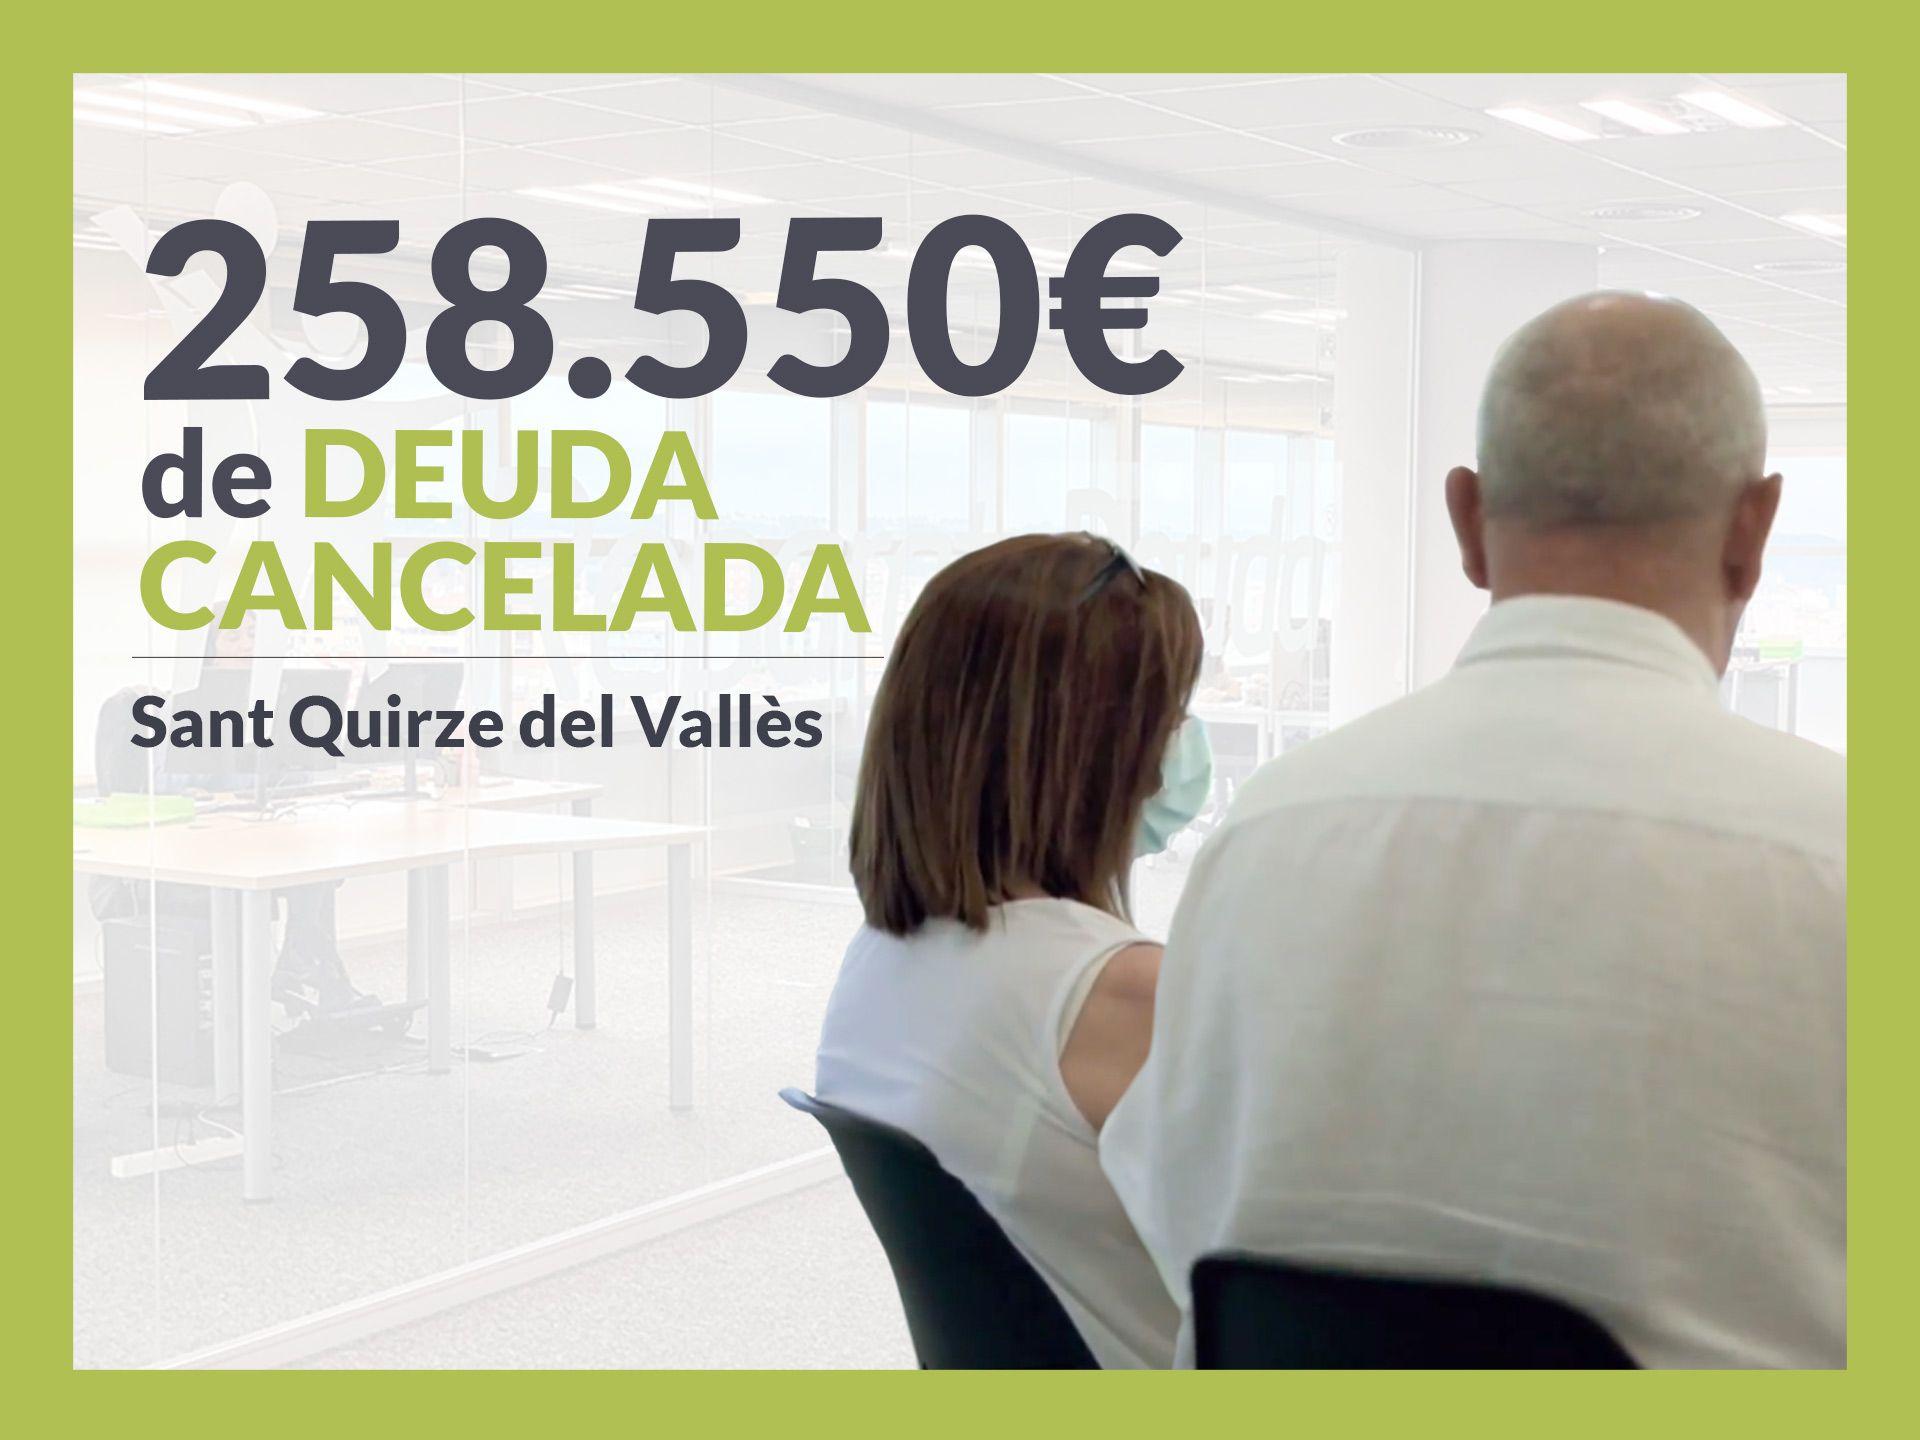 Foto de Josep y María Nieves, exonerados con Repara Tu Deuda con la